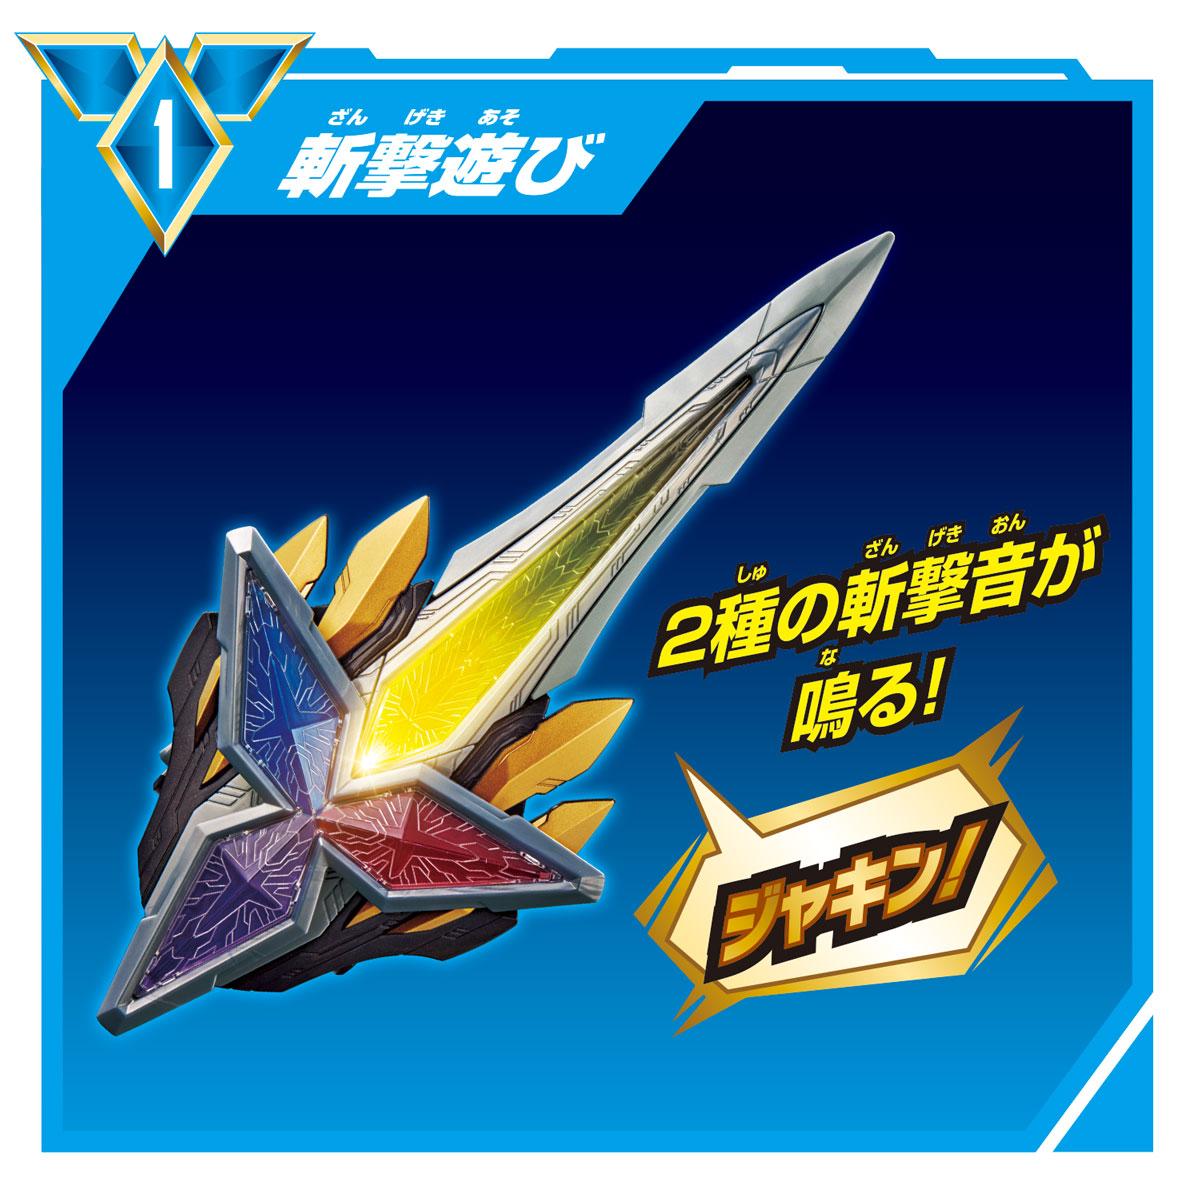 ウルトラマントリガー『DXグリッターブレード』変身なりきり-002